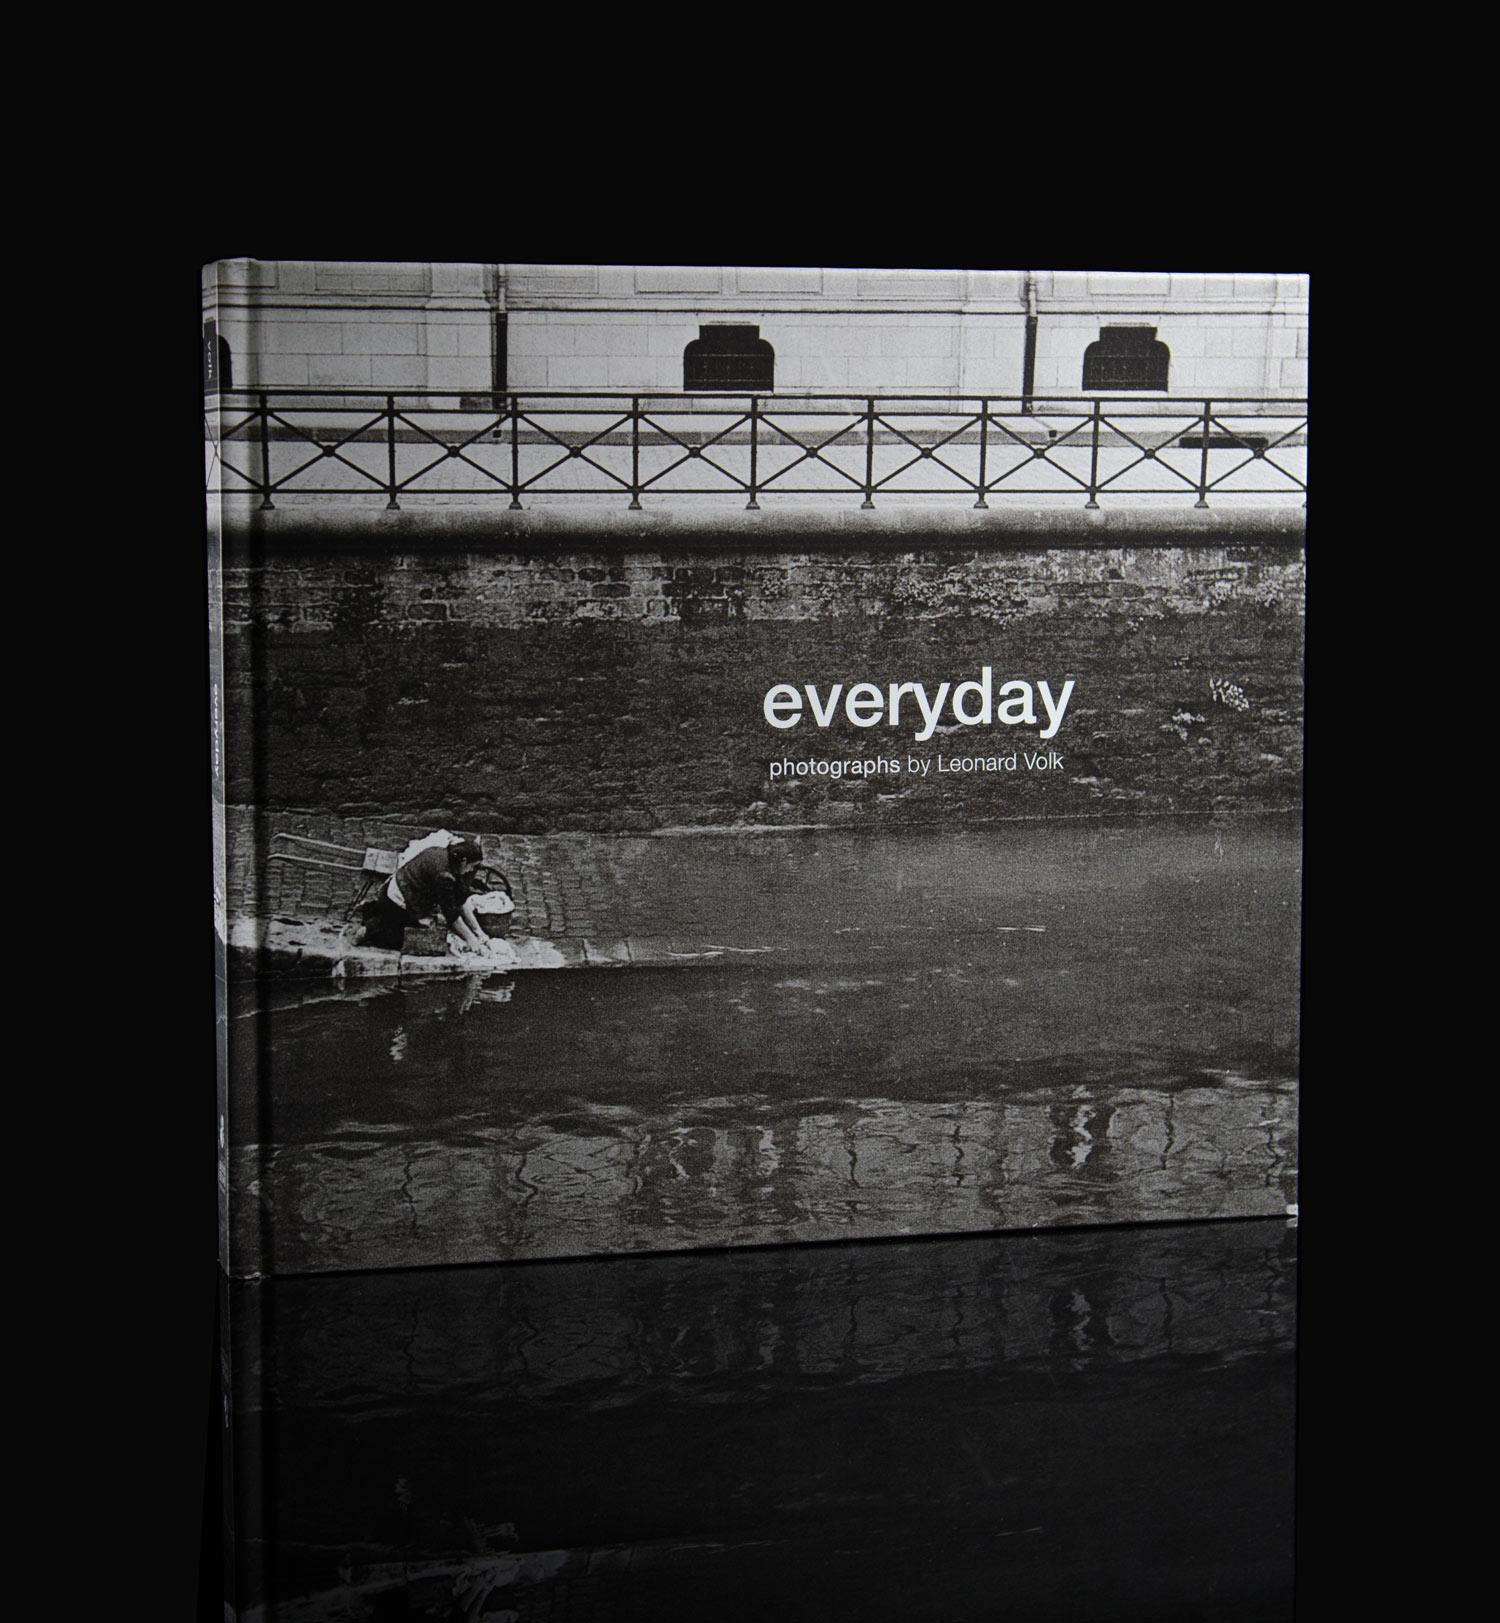 EVERYDAY: Photographs by Leonard Volk, FAIA